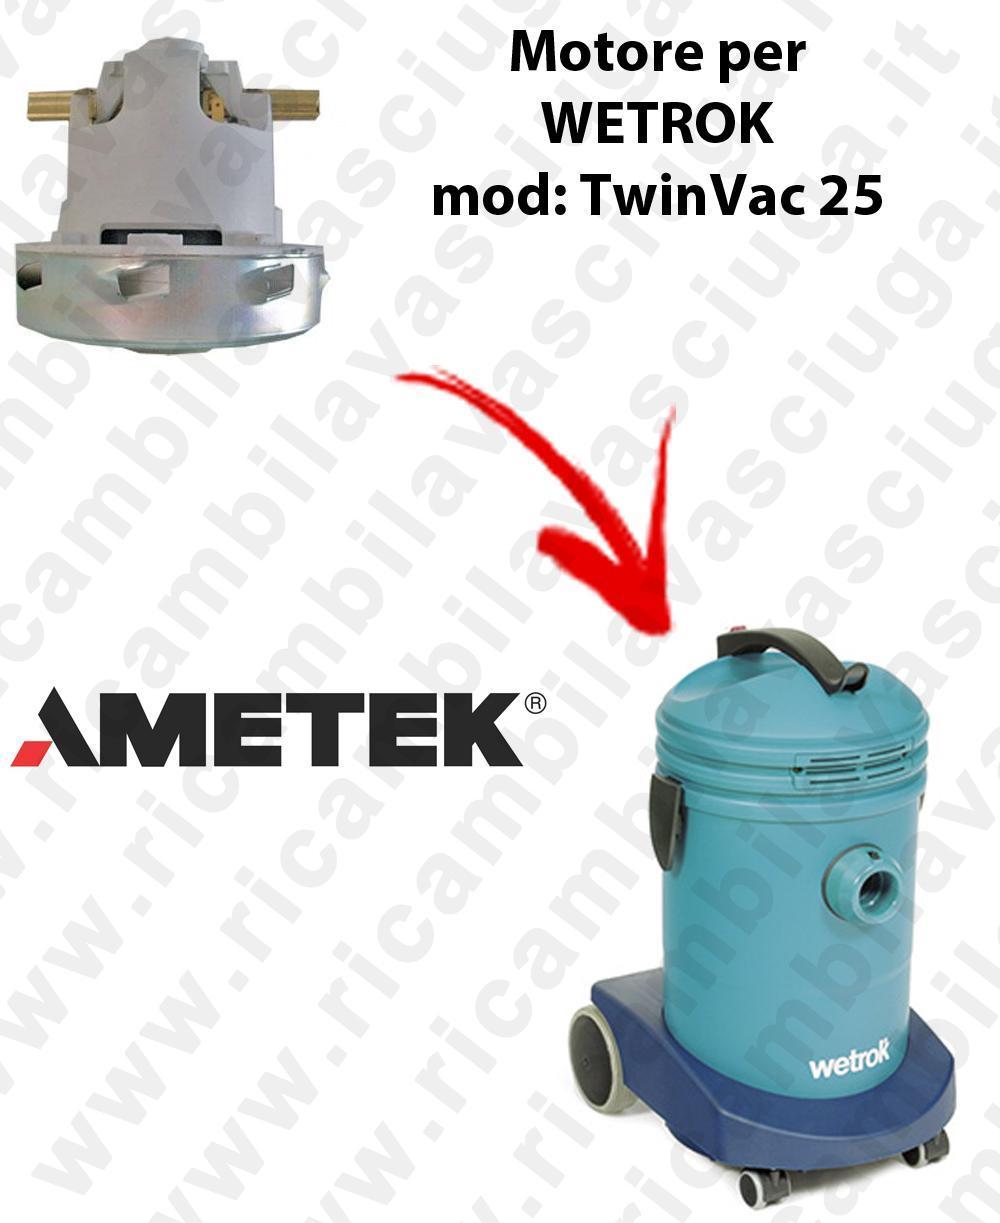 TWINVAC 25  Motore de aspiración AMETEK para aspiradora WETROK